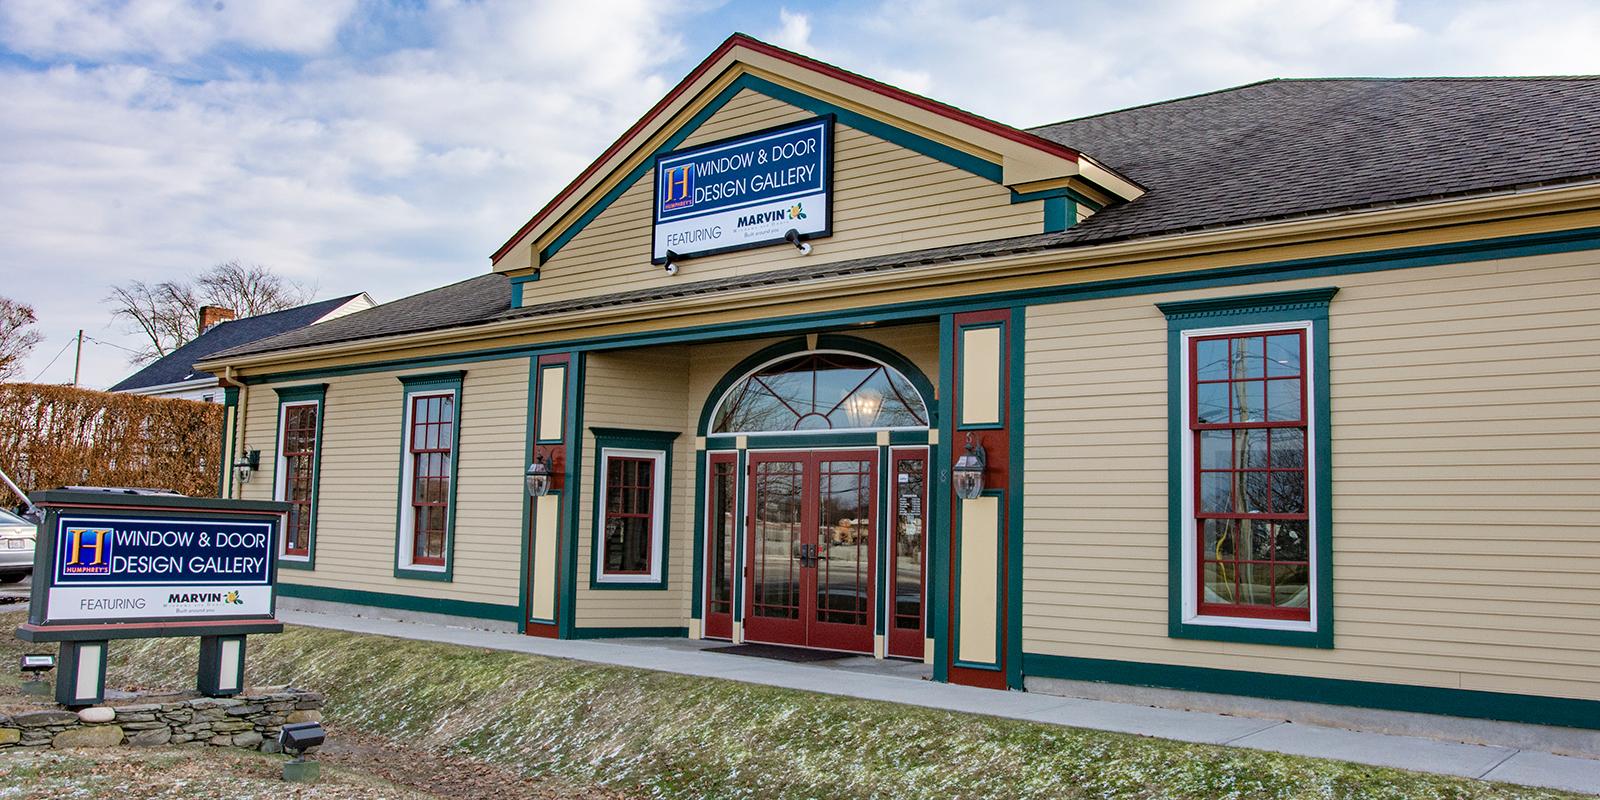 Humphrey's Window and Door Design Gallery